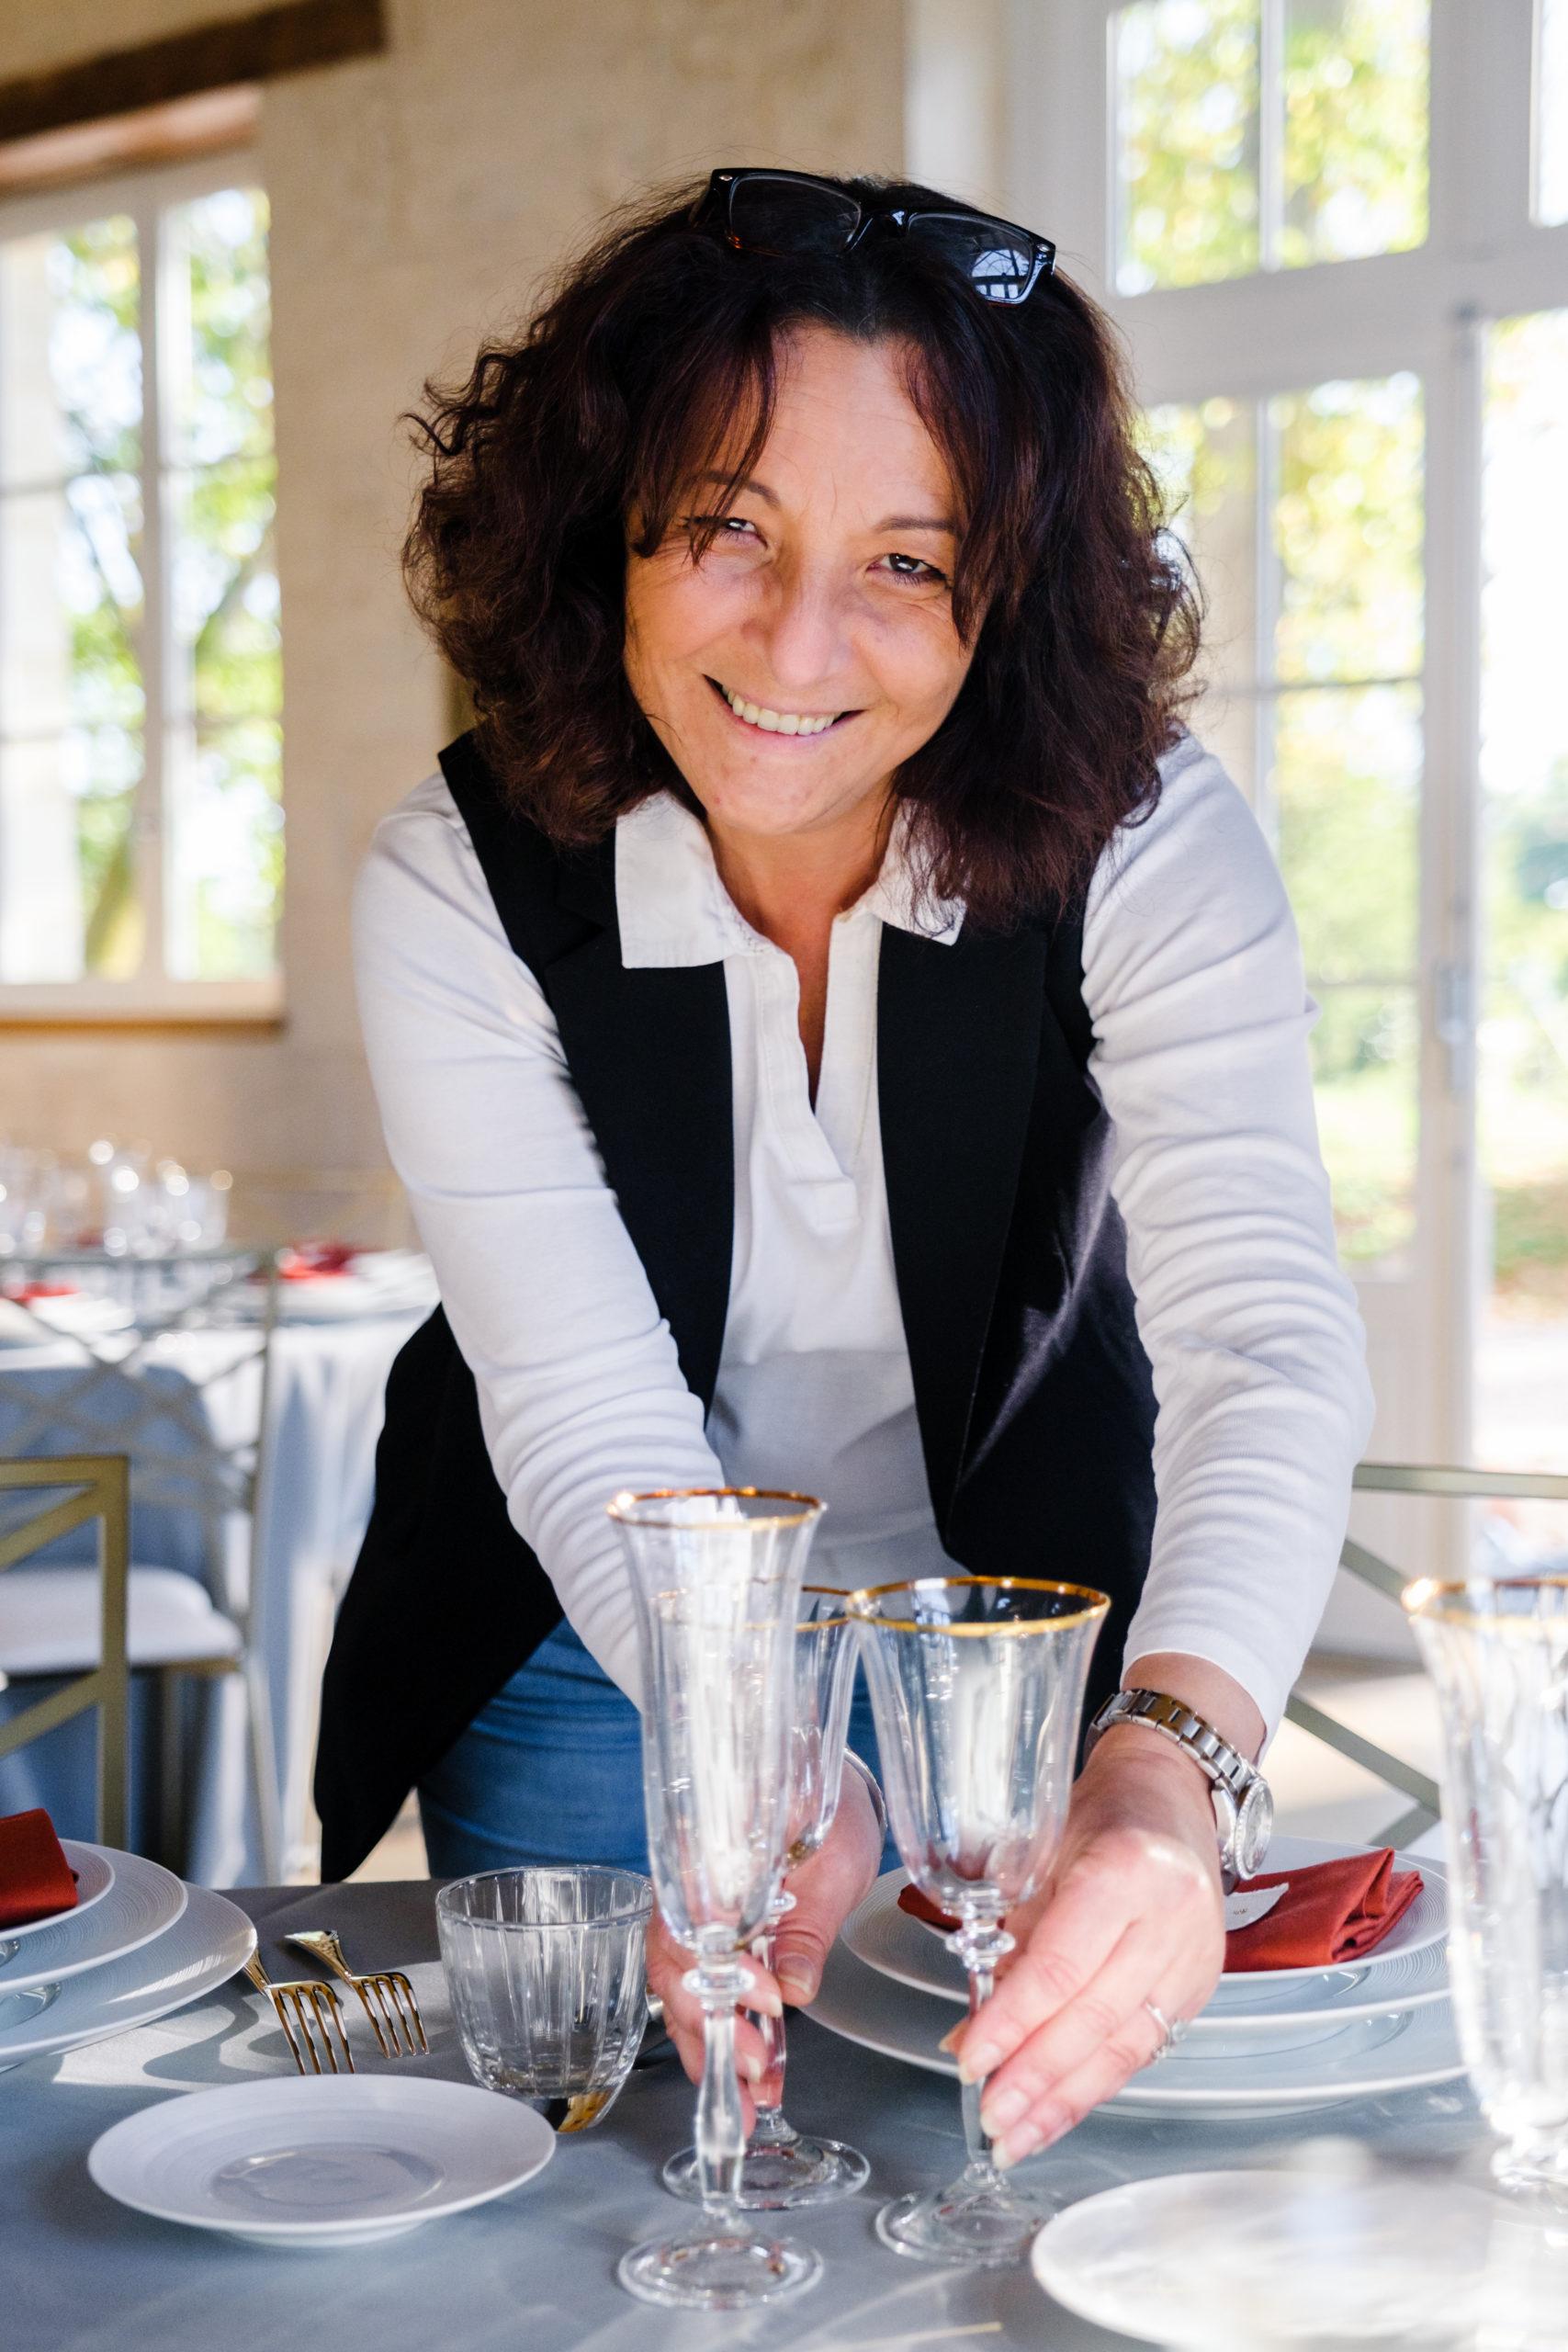 Portrait de Sabeha Brunet, Wedding planner et organisatrice d'évènements haut de gamme